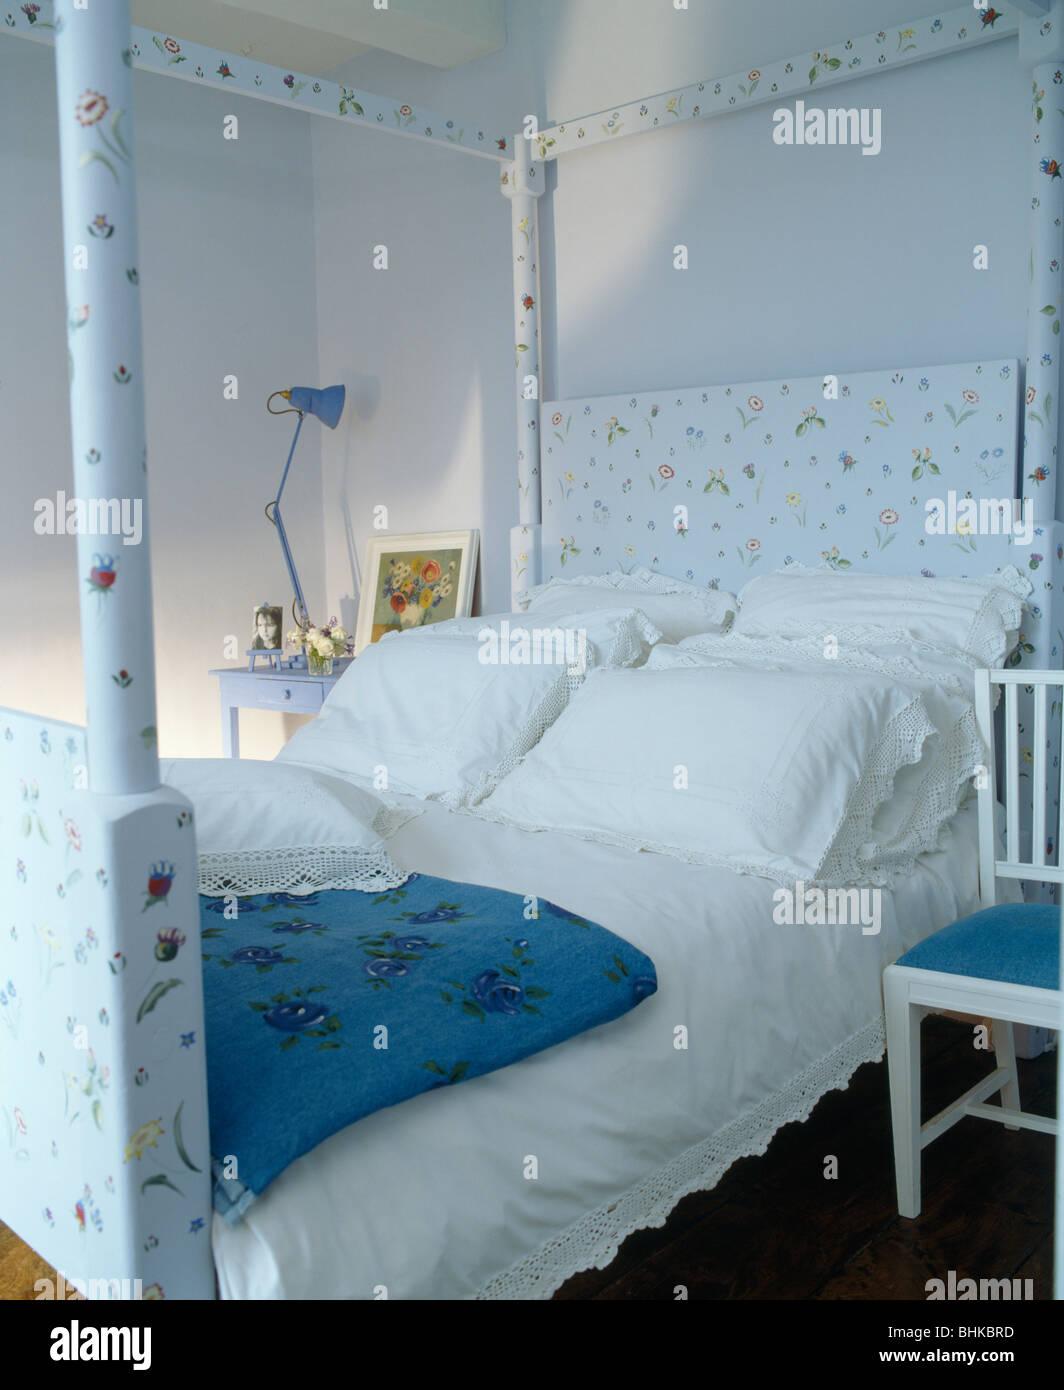 Oreillers et draps blanc peint floral sur lit à baldaquin dans la ...